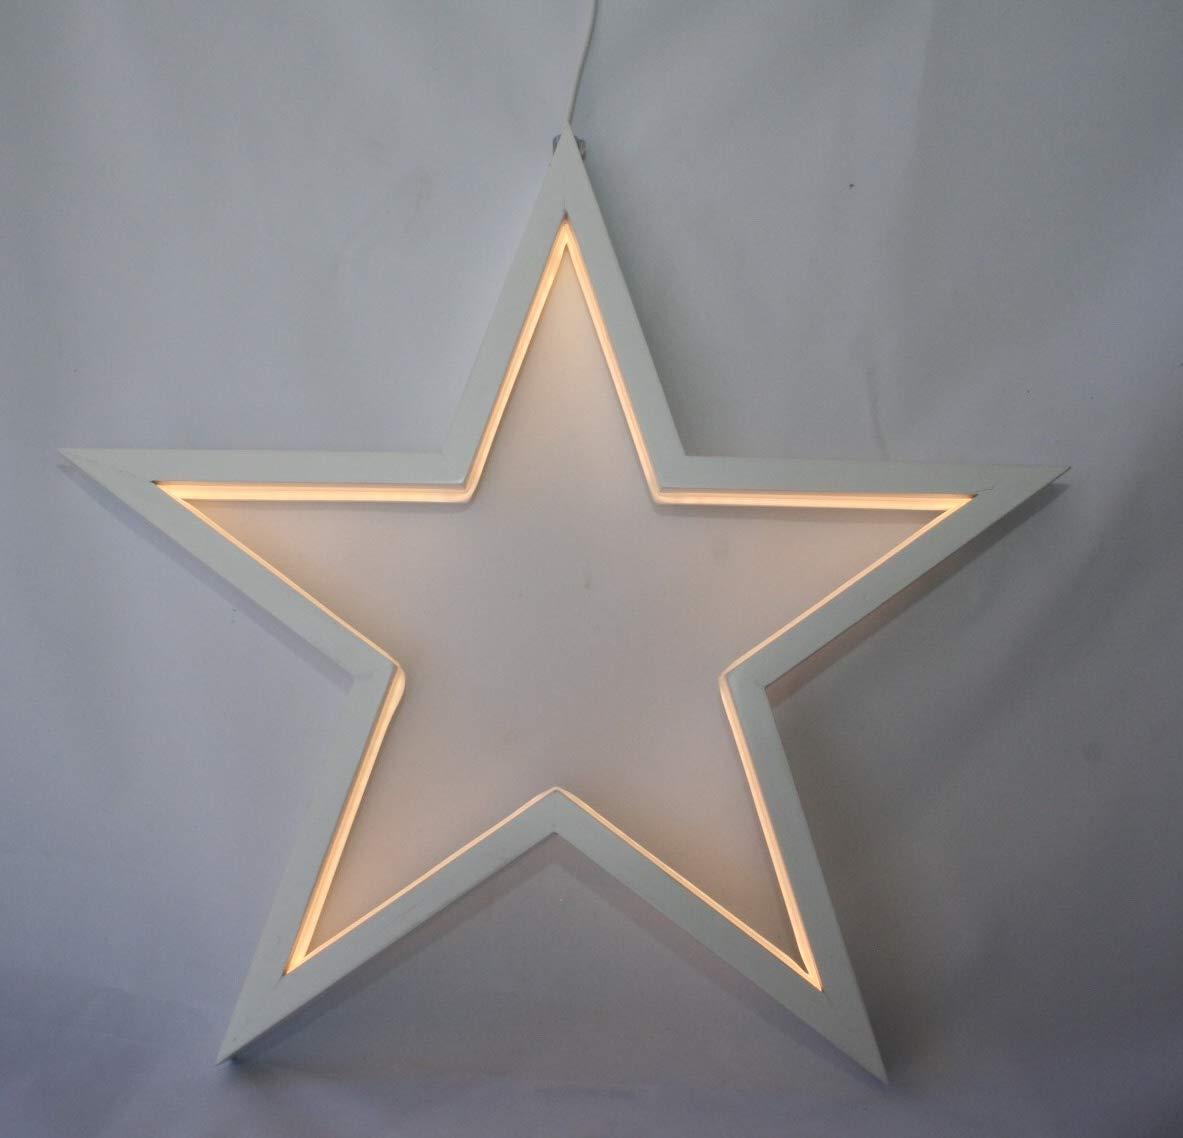 Formano Hänger Stern aus Holz mit LED-Licht, 32cm Leuchtend, mit Kabel für die Steckdose, 540966